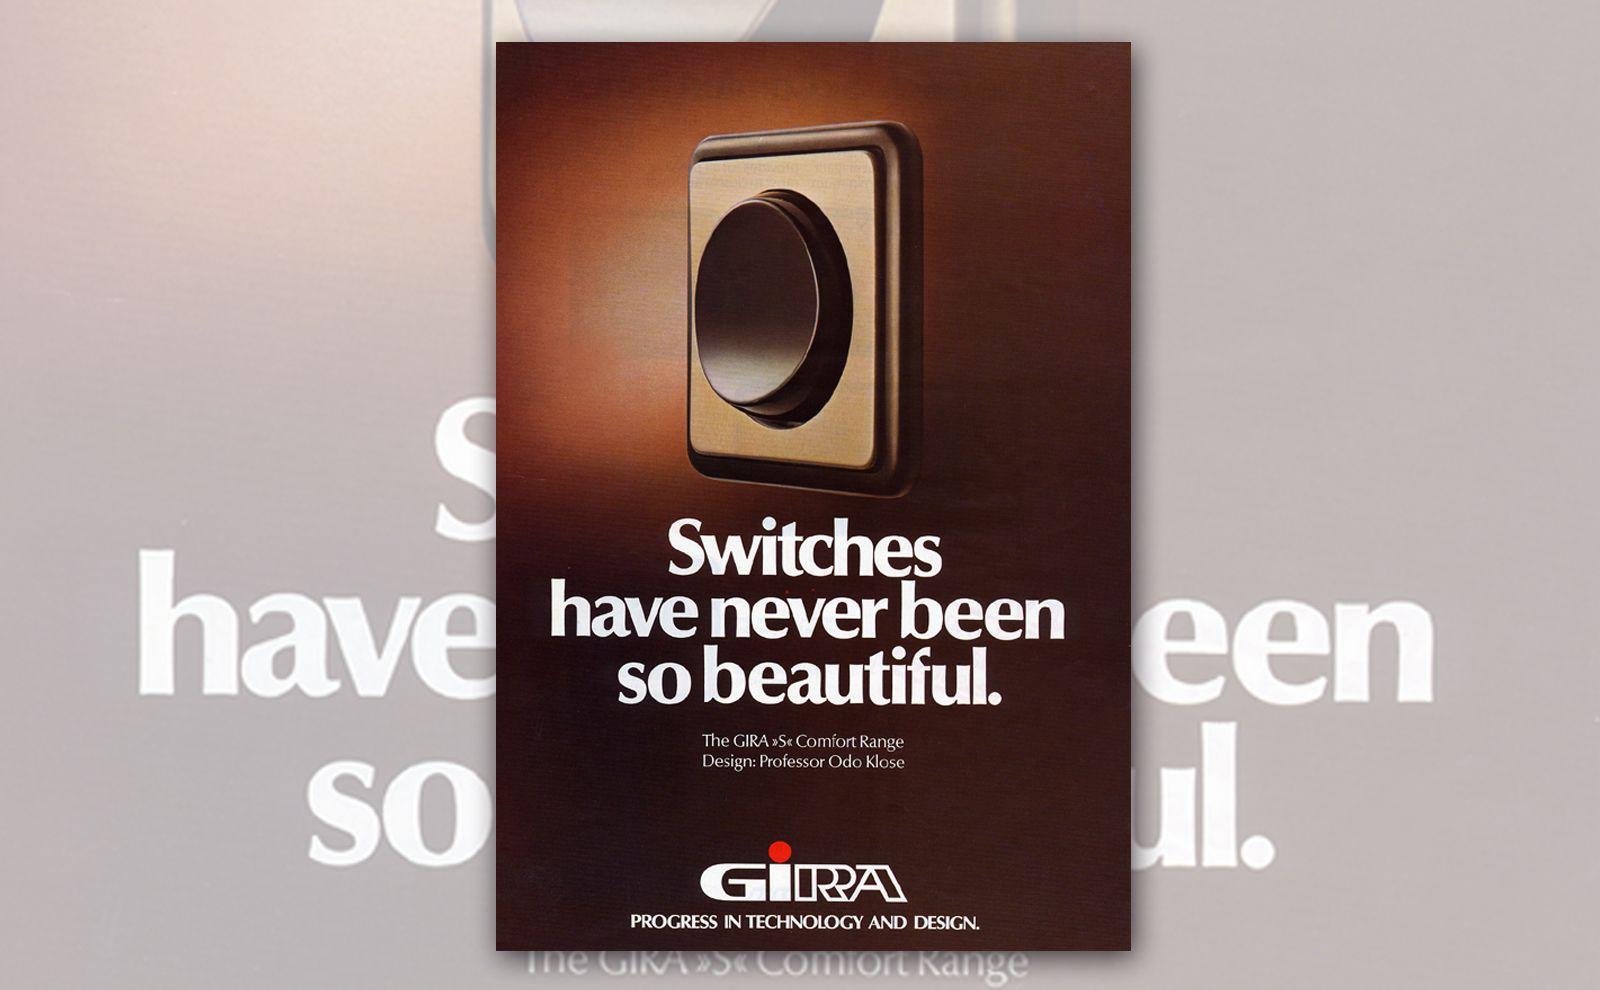 flacher Gira Sensorschalter auf einem Werbeplakat 1970